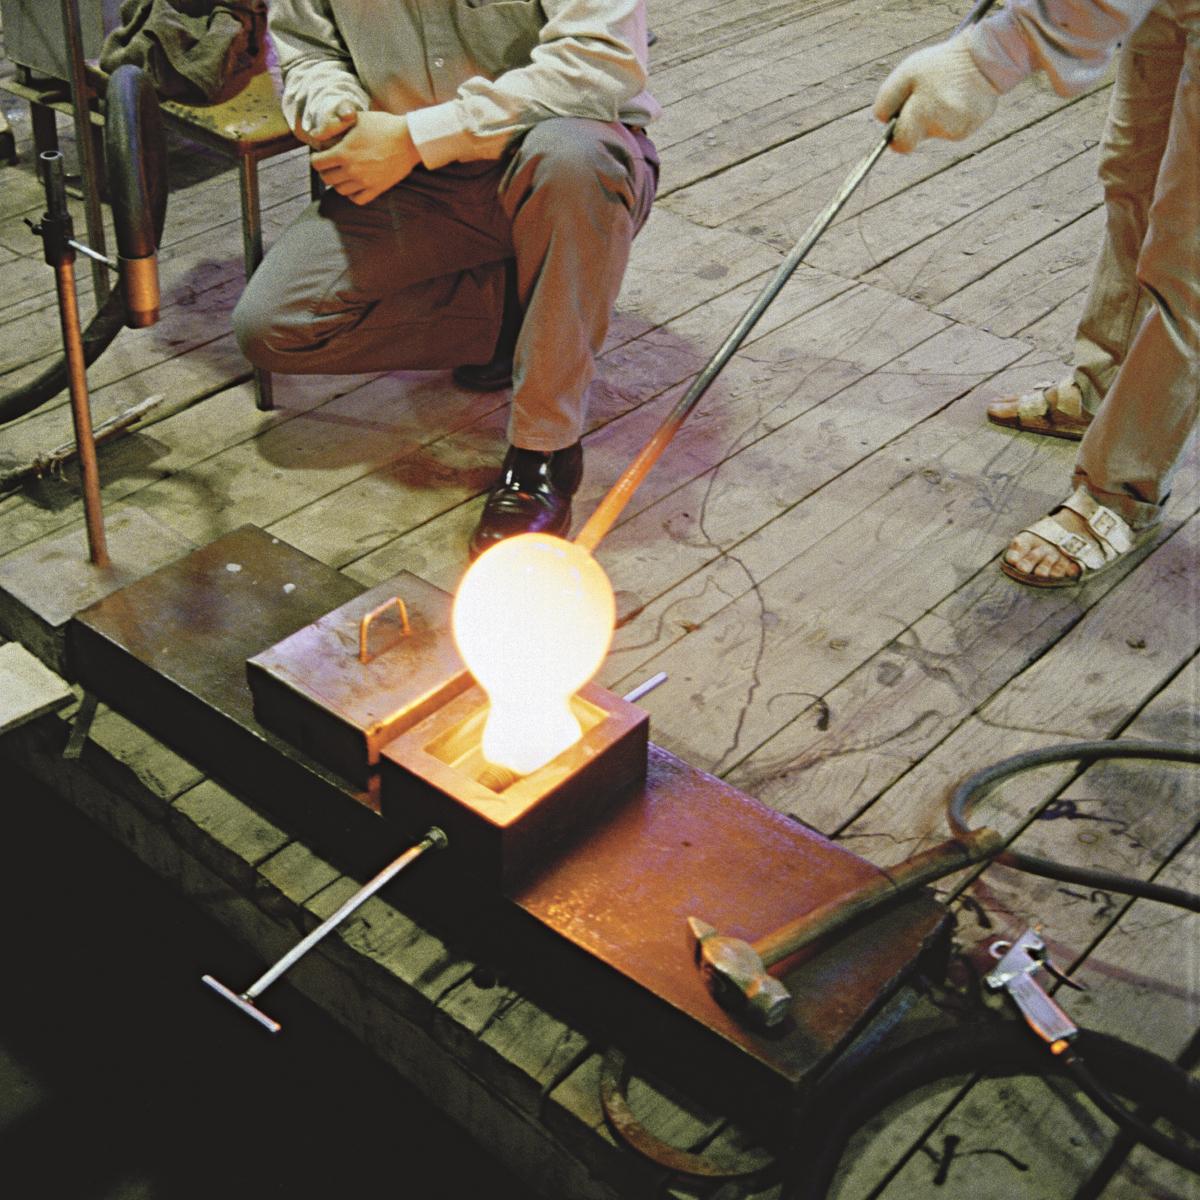 リラックスには『オレンジの灯』|【在庫限り】「光」を味方につけて、家を至福のリラックス空間に - ニューヨーク近代美術館に永久展示されている美しいガラスの間接照明 | BLOCK LAMP(ブロックランプ)